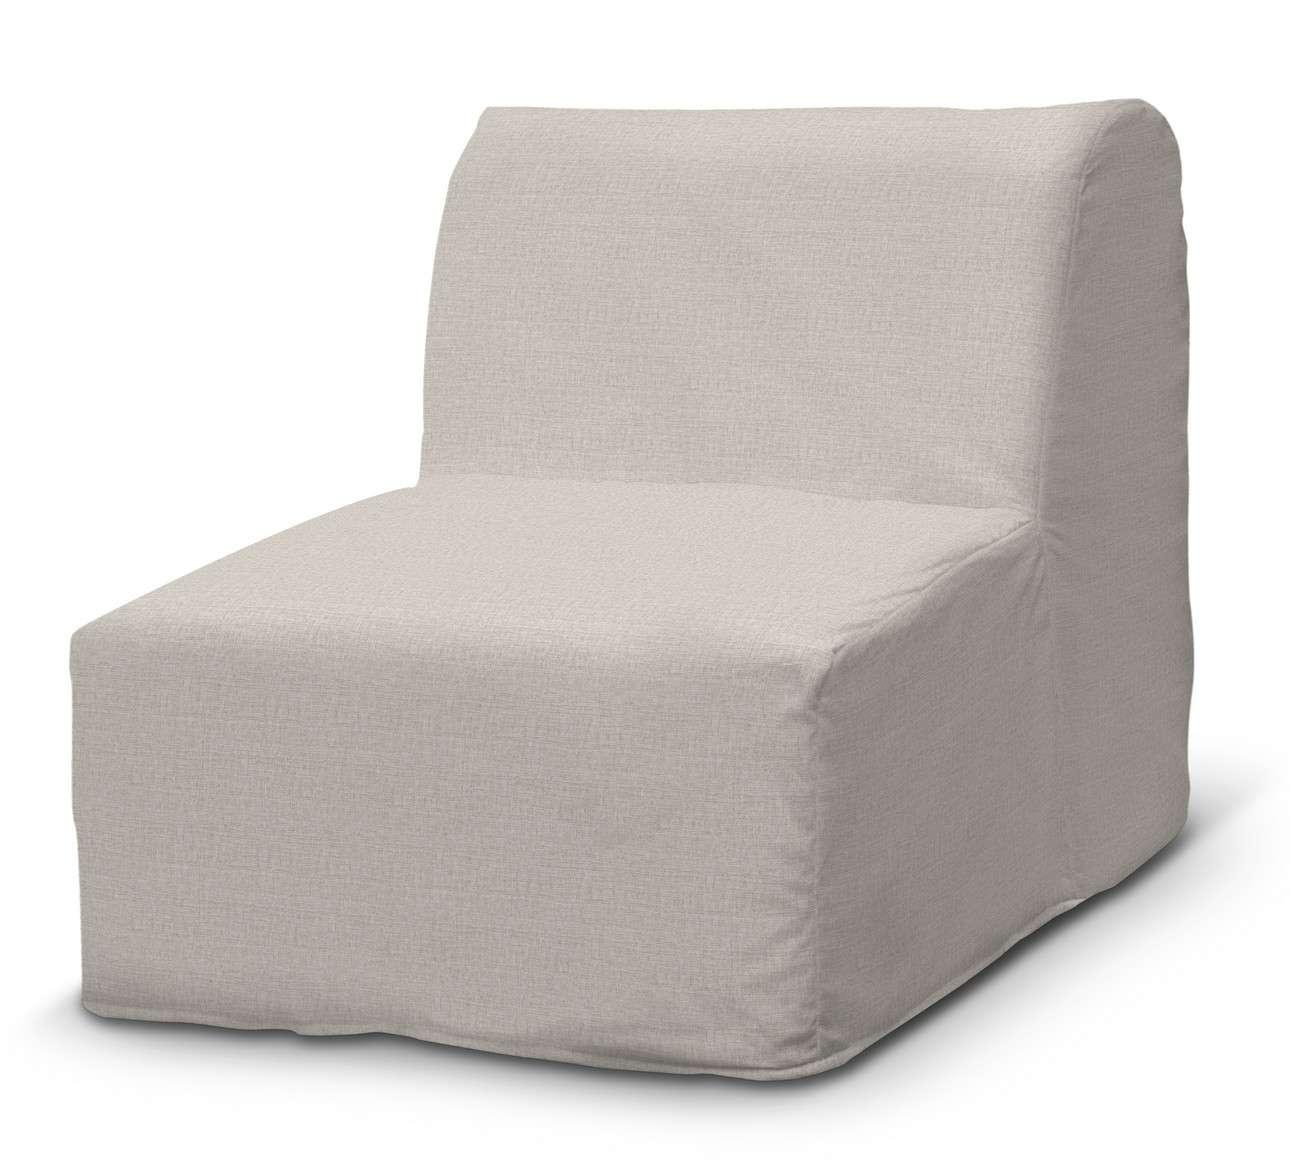 Pokrowiec na fotel Lycksele prosty w kolekcji Living, tkanina: 161-00